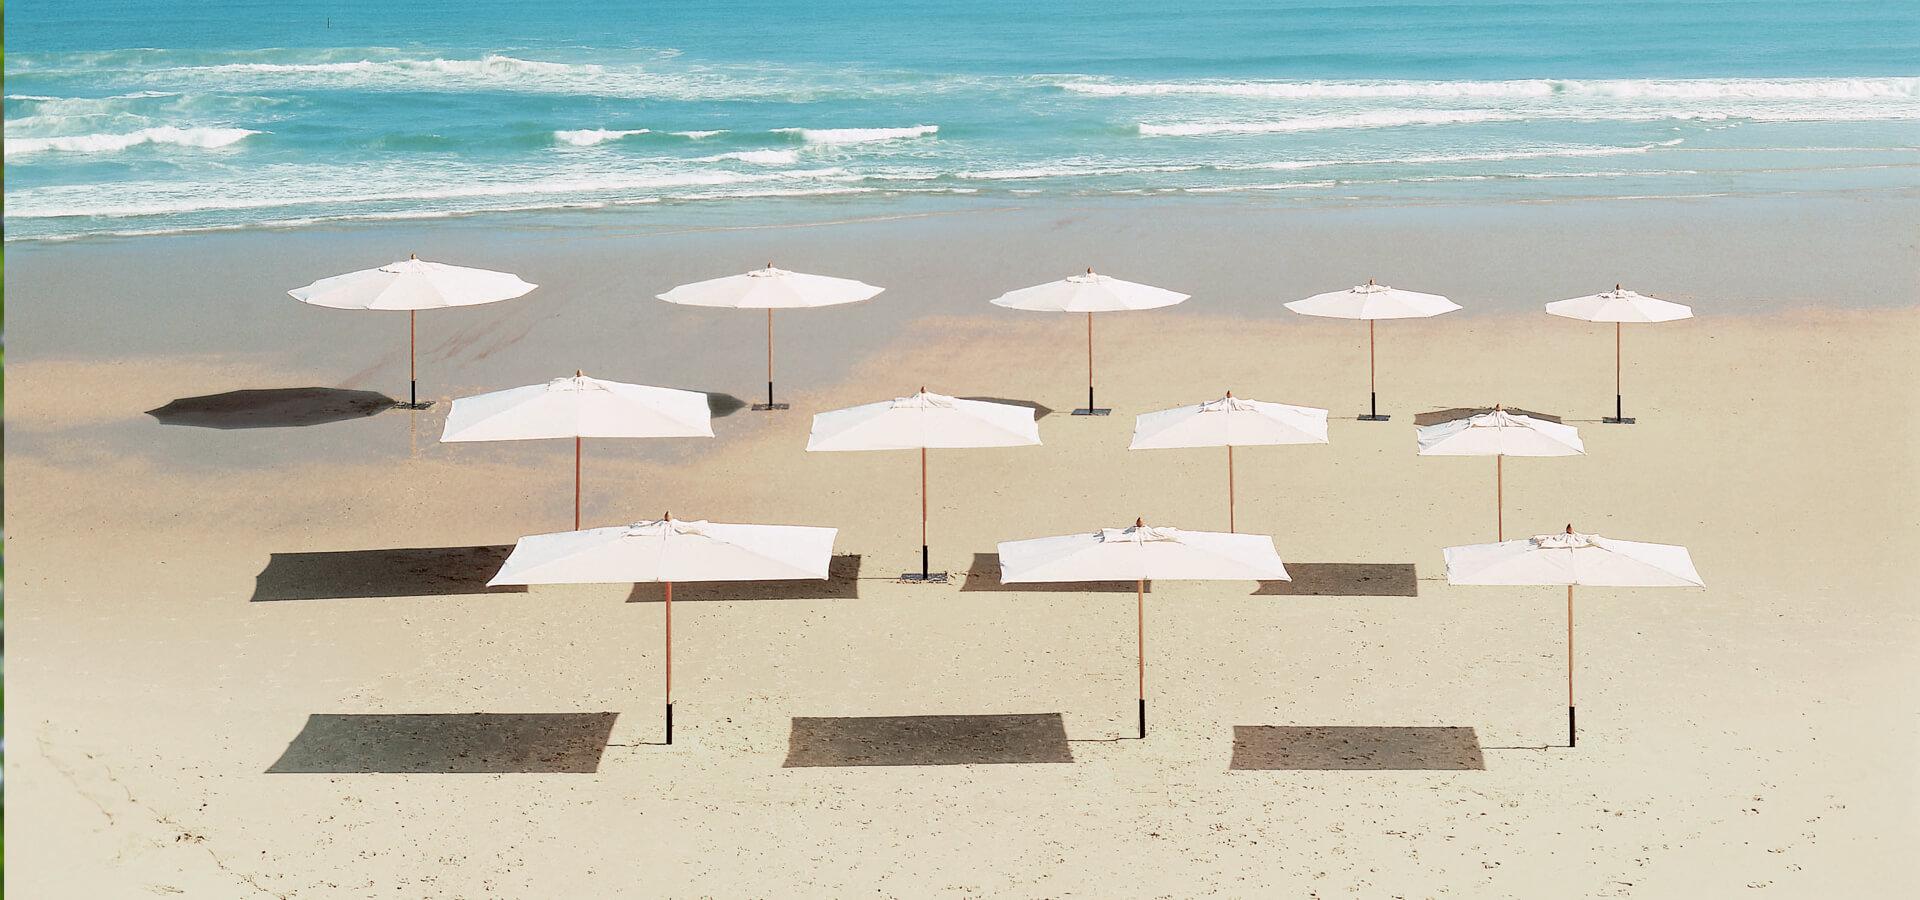 Le parasol : l'accessoire indispensable !